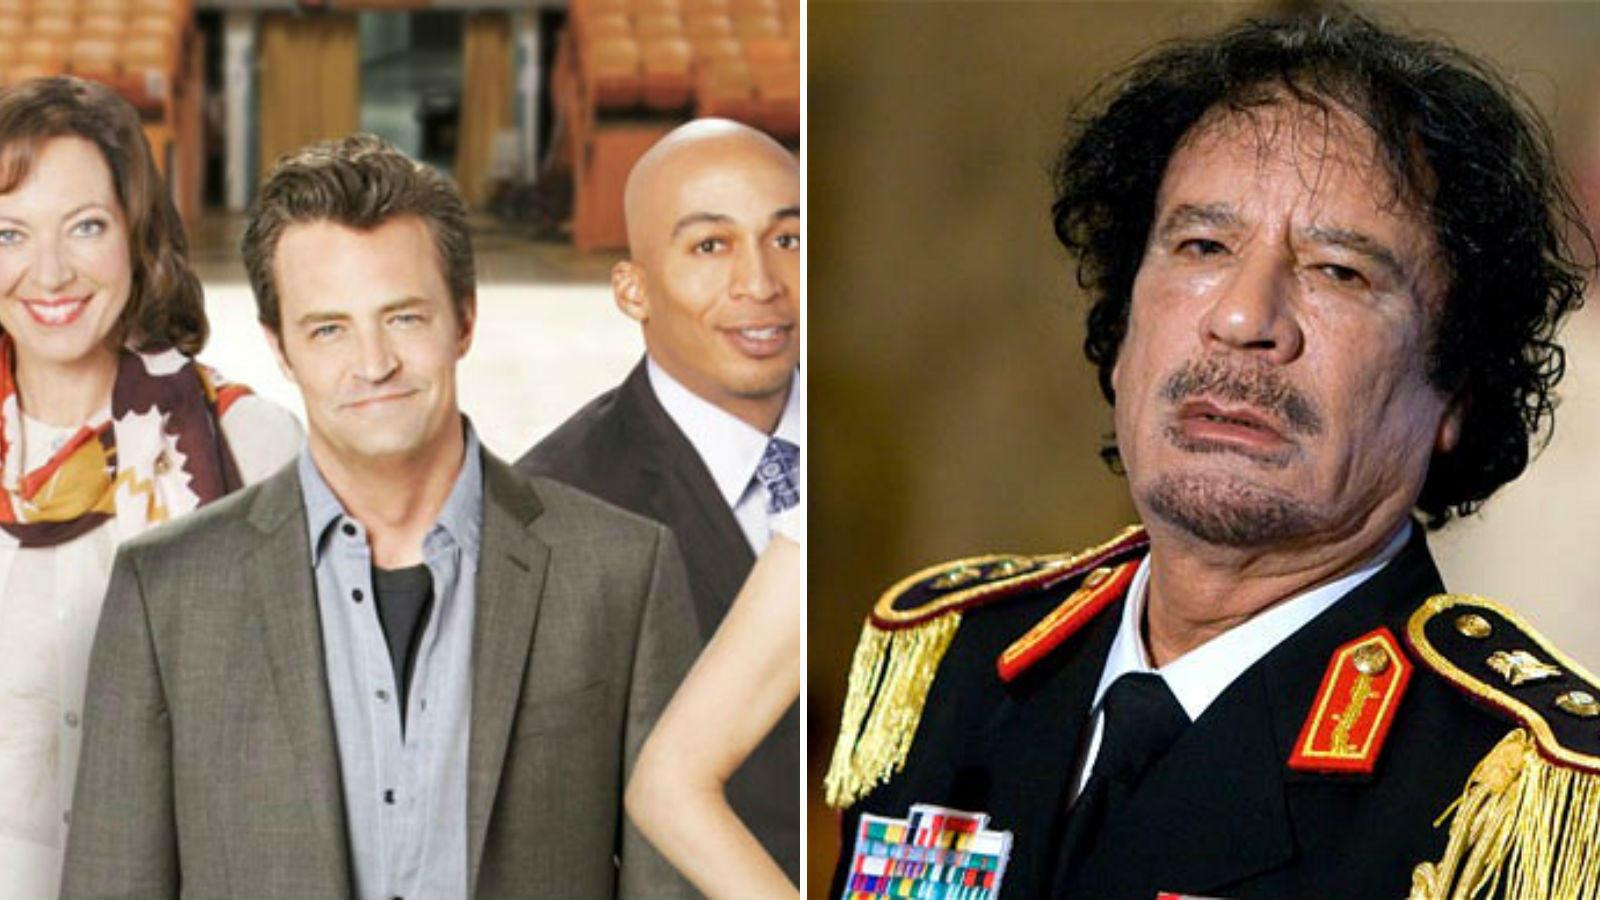 Az első részben a főszereplő a Mennyország kapuja előtt találja magát, ahol beleütközik egy nemrég elhunytba. A sorozatban azt mondják, Gadhafi 2011. július 29-én halt meg, a valóságban pedig egészen közeli időpontban, 2011. október 20-án hunyt el az érintett. (20th Century Fox TV/ telegraph.co.uk)